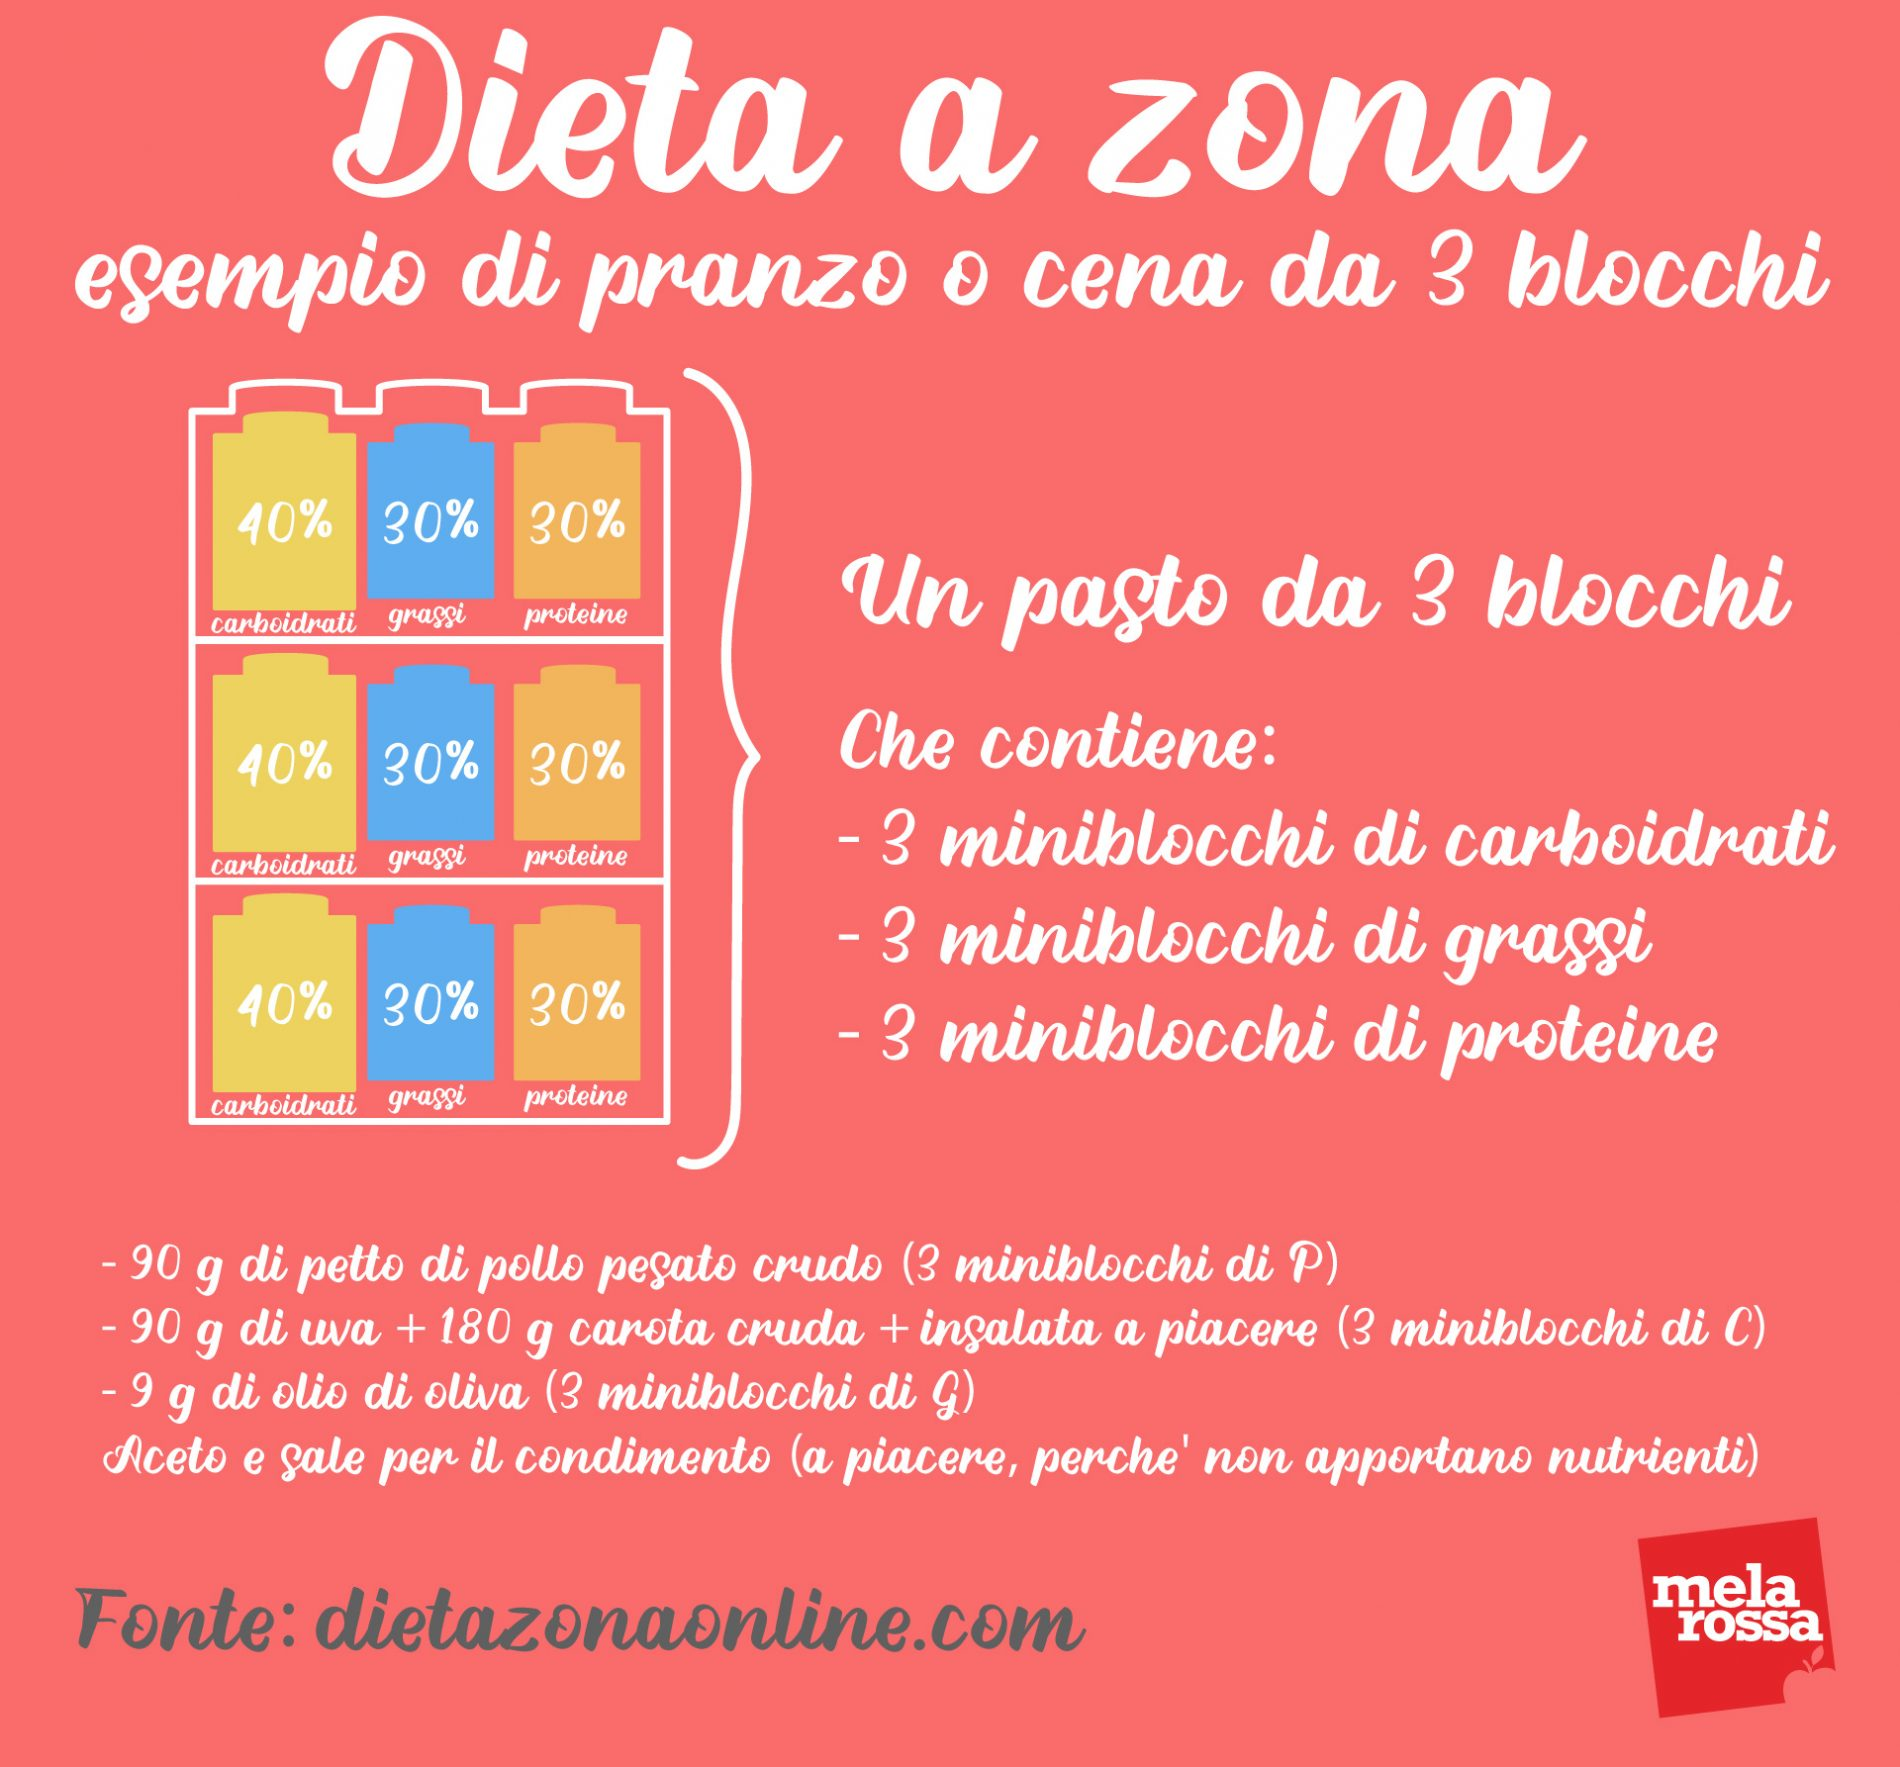 dieta a zona: esempio di pasto da 3 blocchi